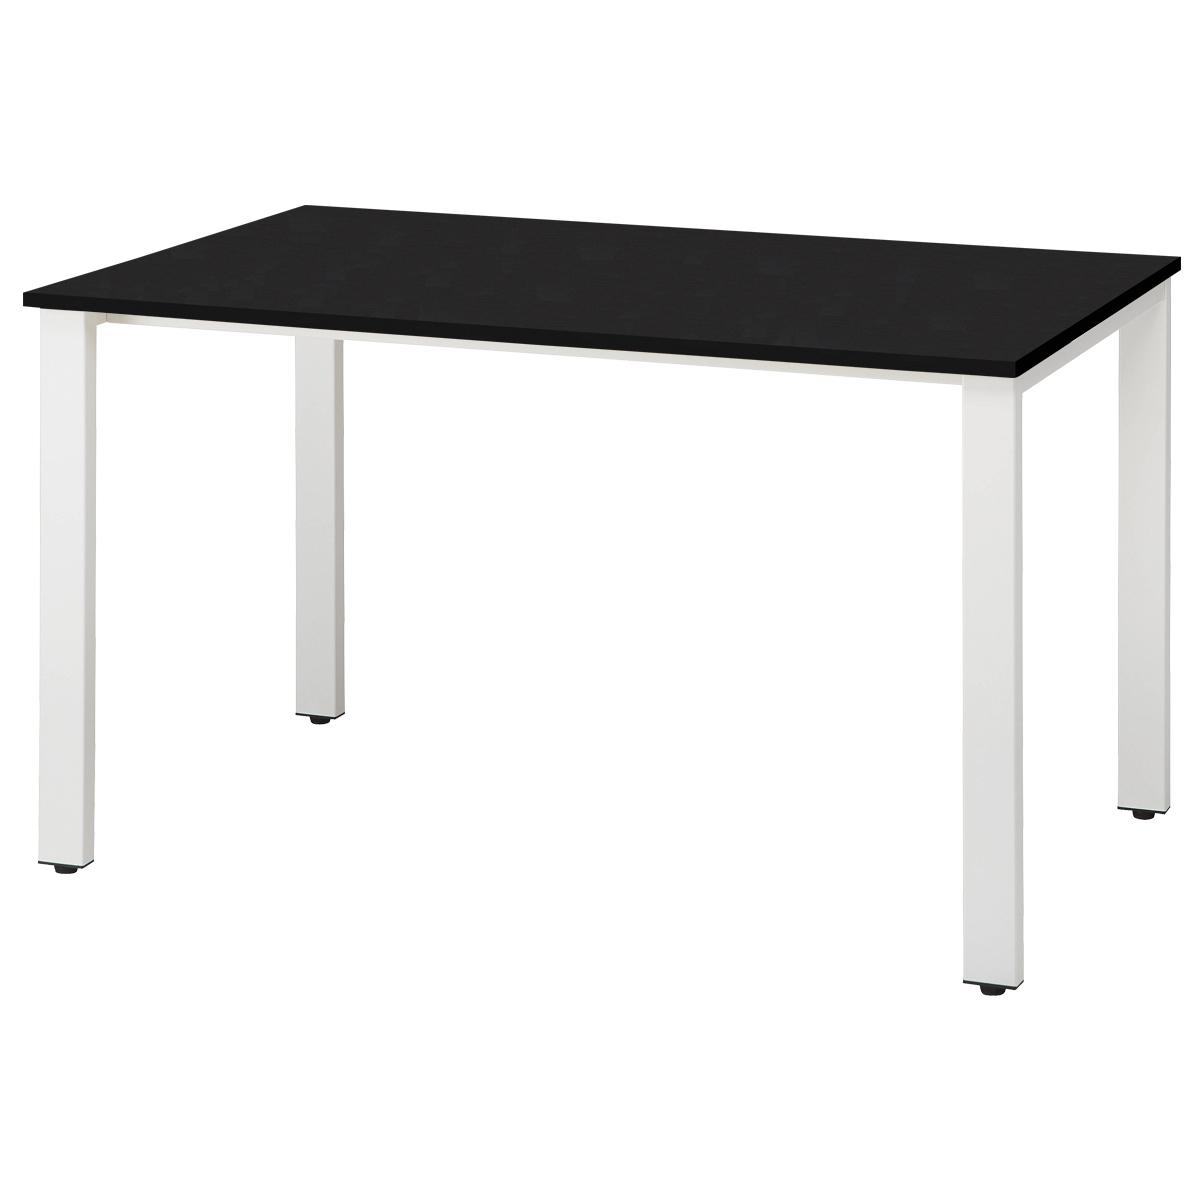 オフィス用ミーティングテーブル REVシリーズ W1200 D750 H720  ブラック